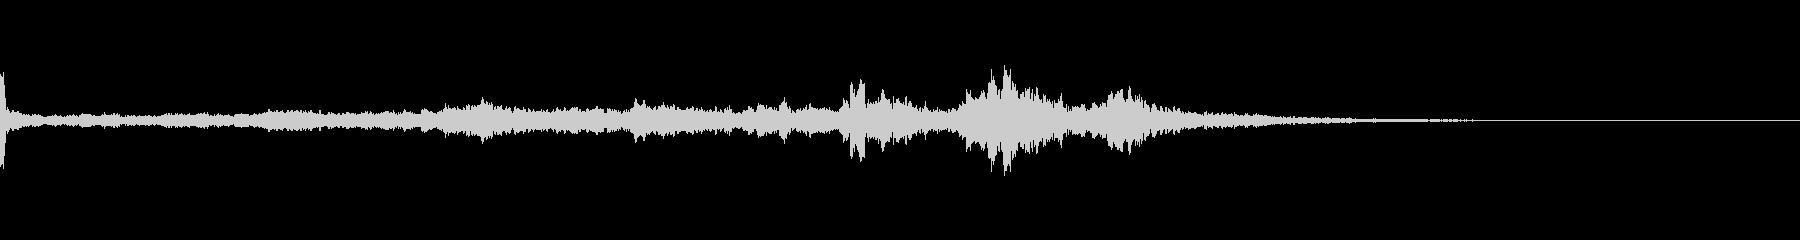 キーン(気配、耳鳴り)B7の未再生の波形